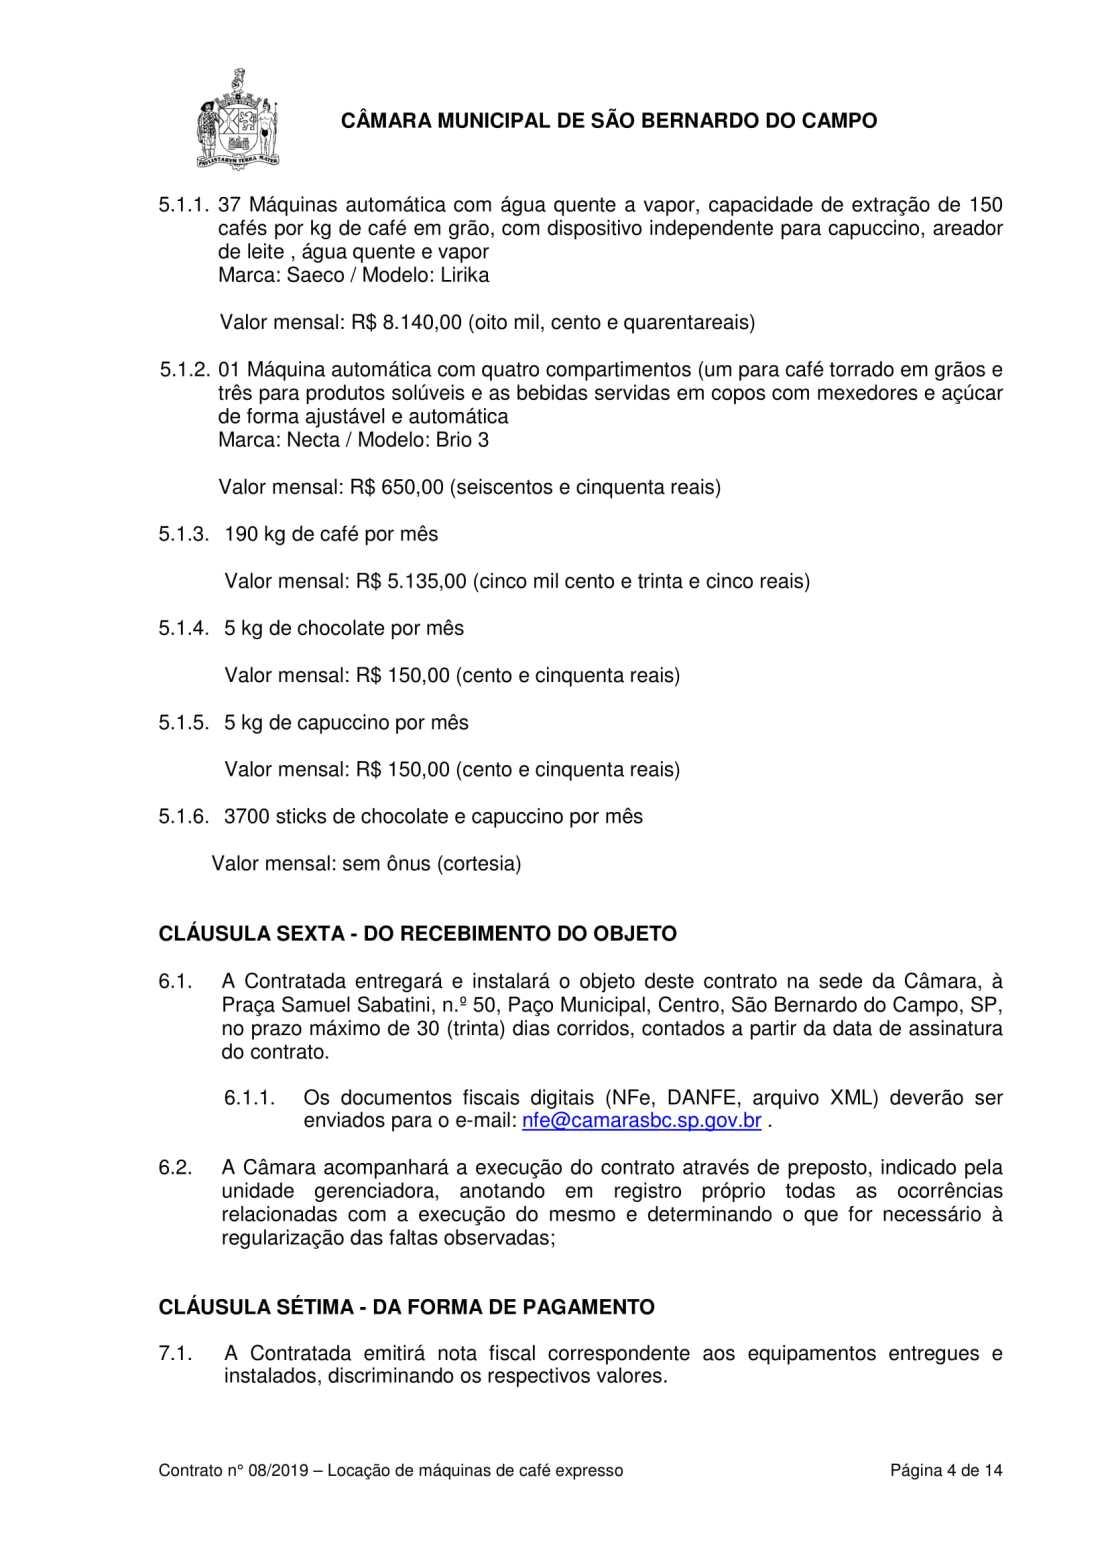 24_05_2019_15_08_38_CONTRATO-08_19-CAFÉ-LOURENÇO-_24_05_19_-04